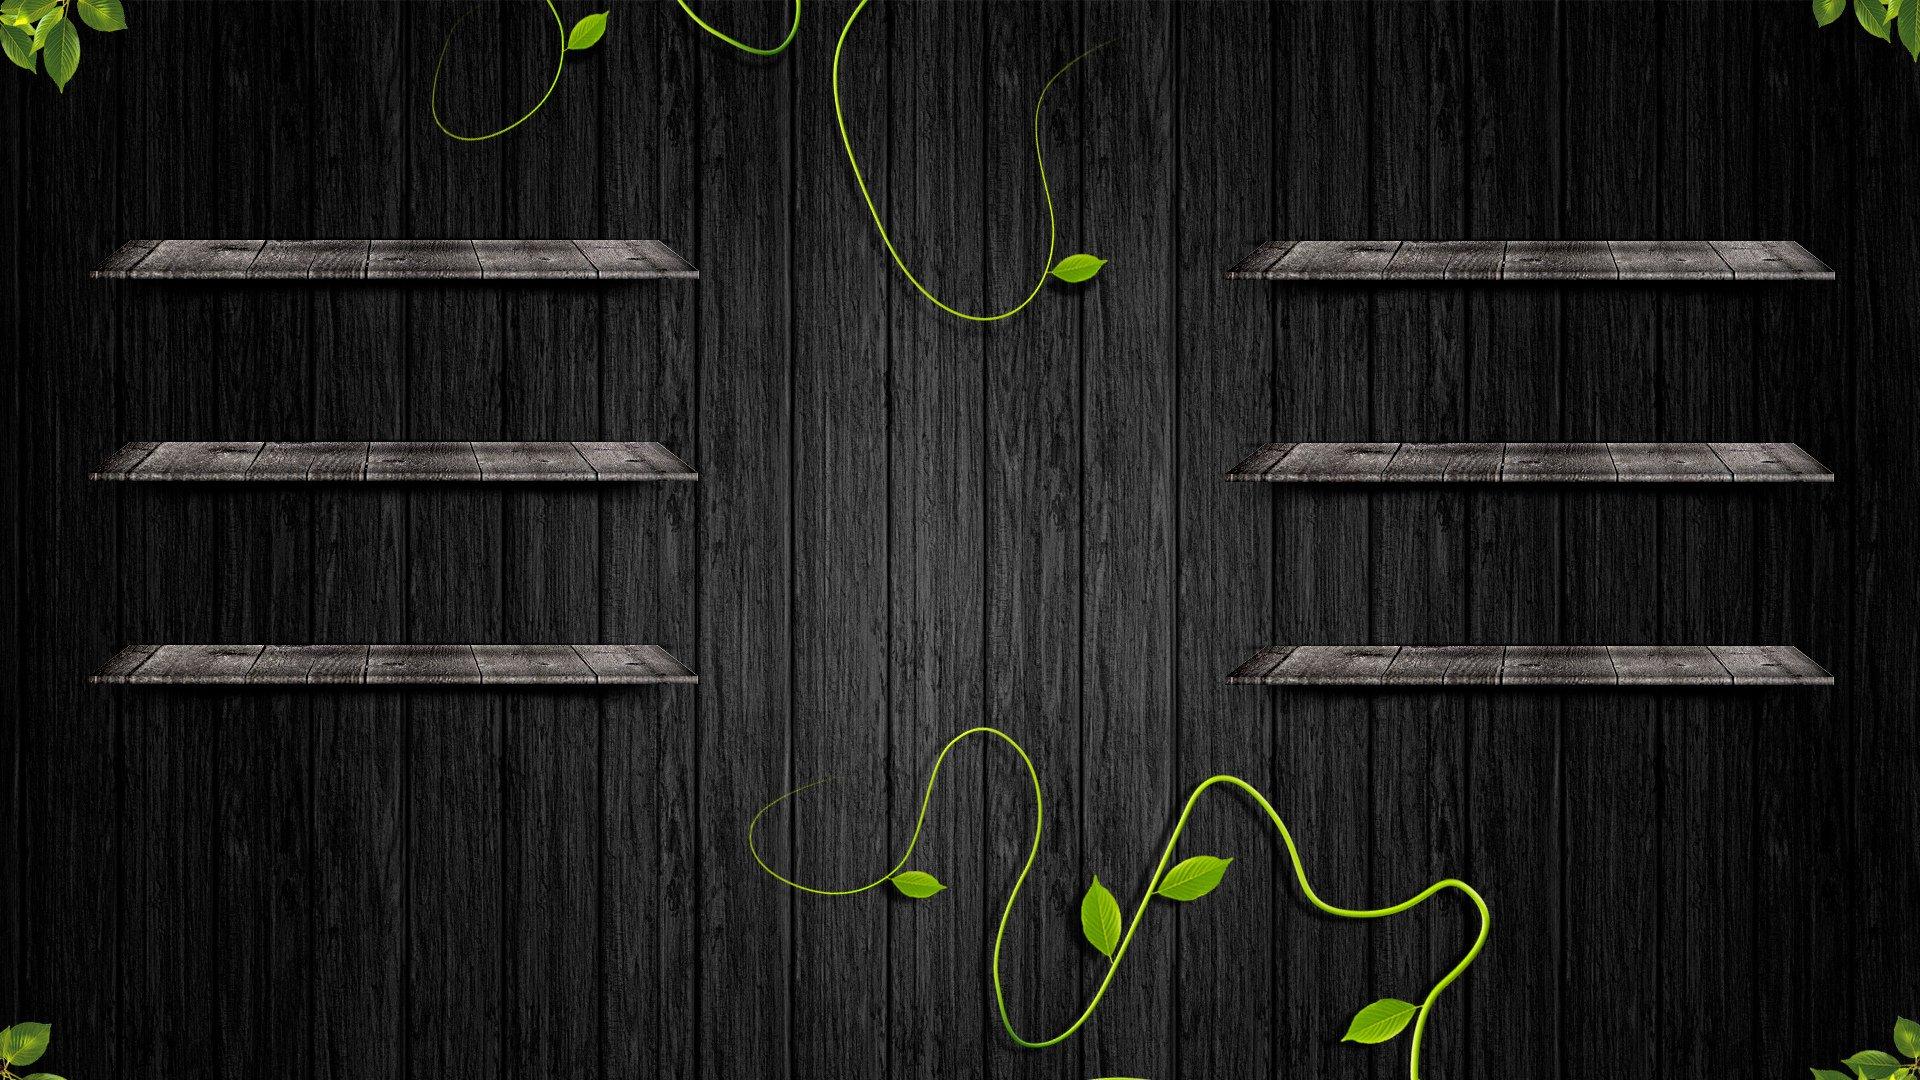 1920x1080 px 3D desktop black leaves shelf wall wood 1287199